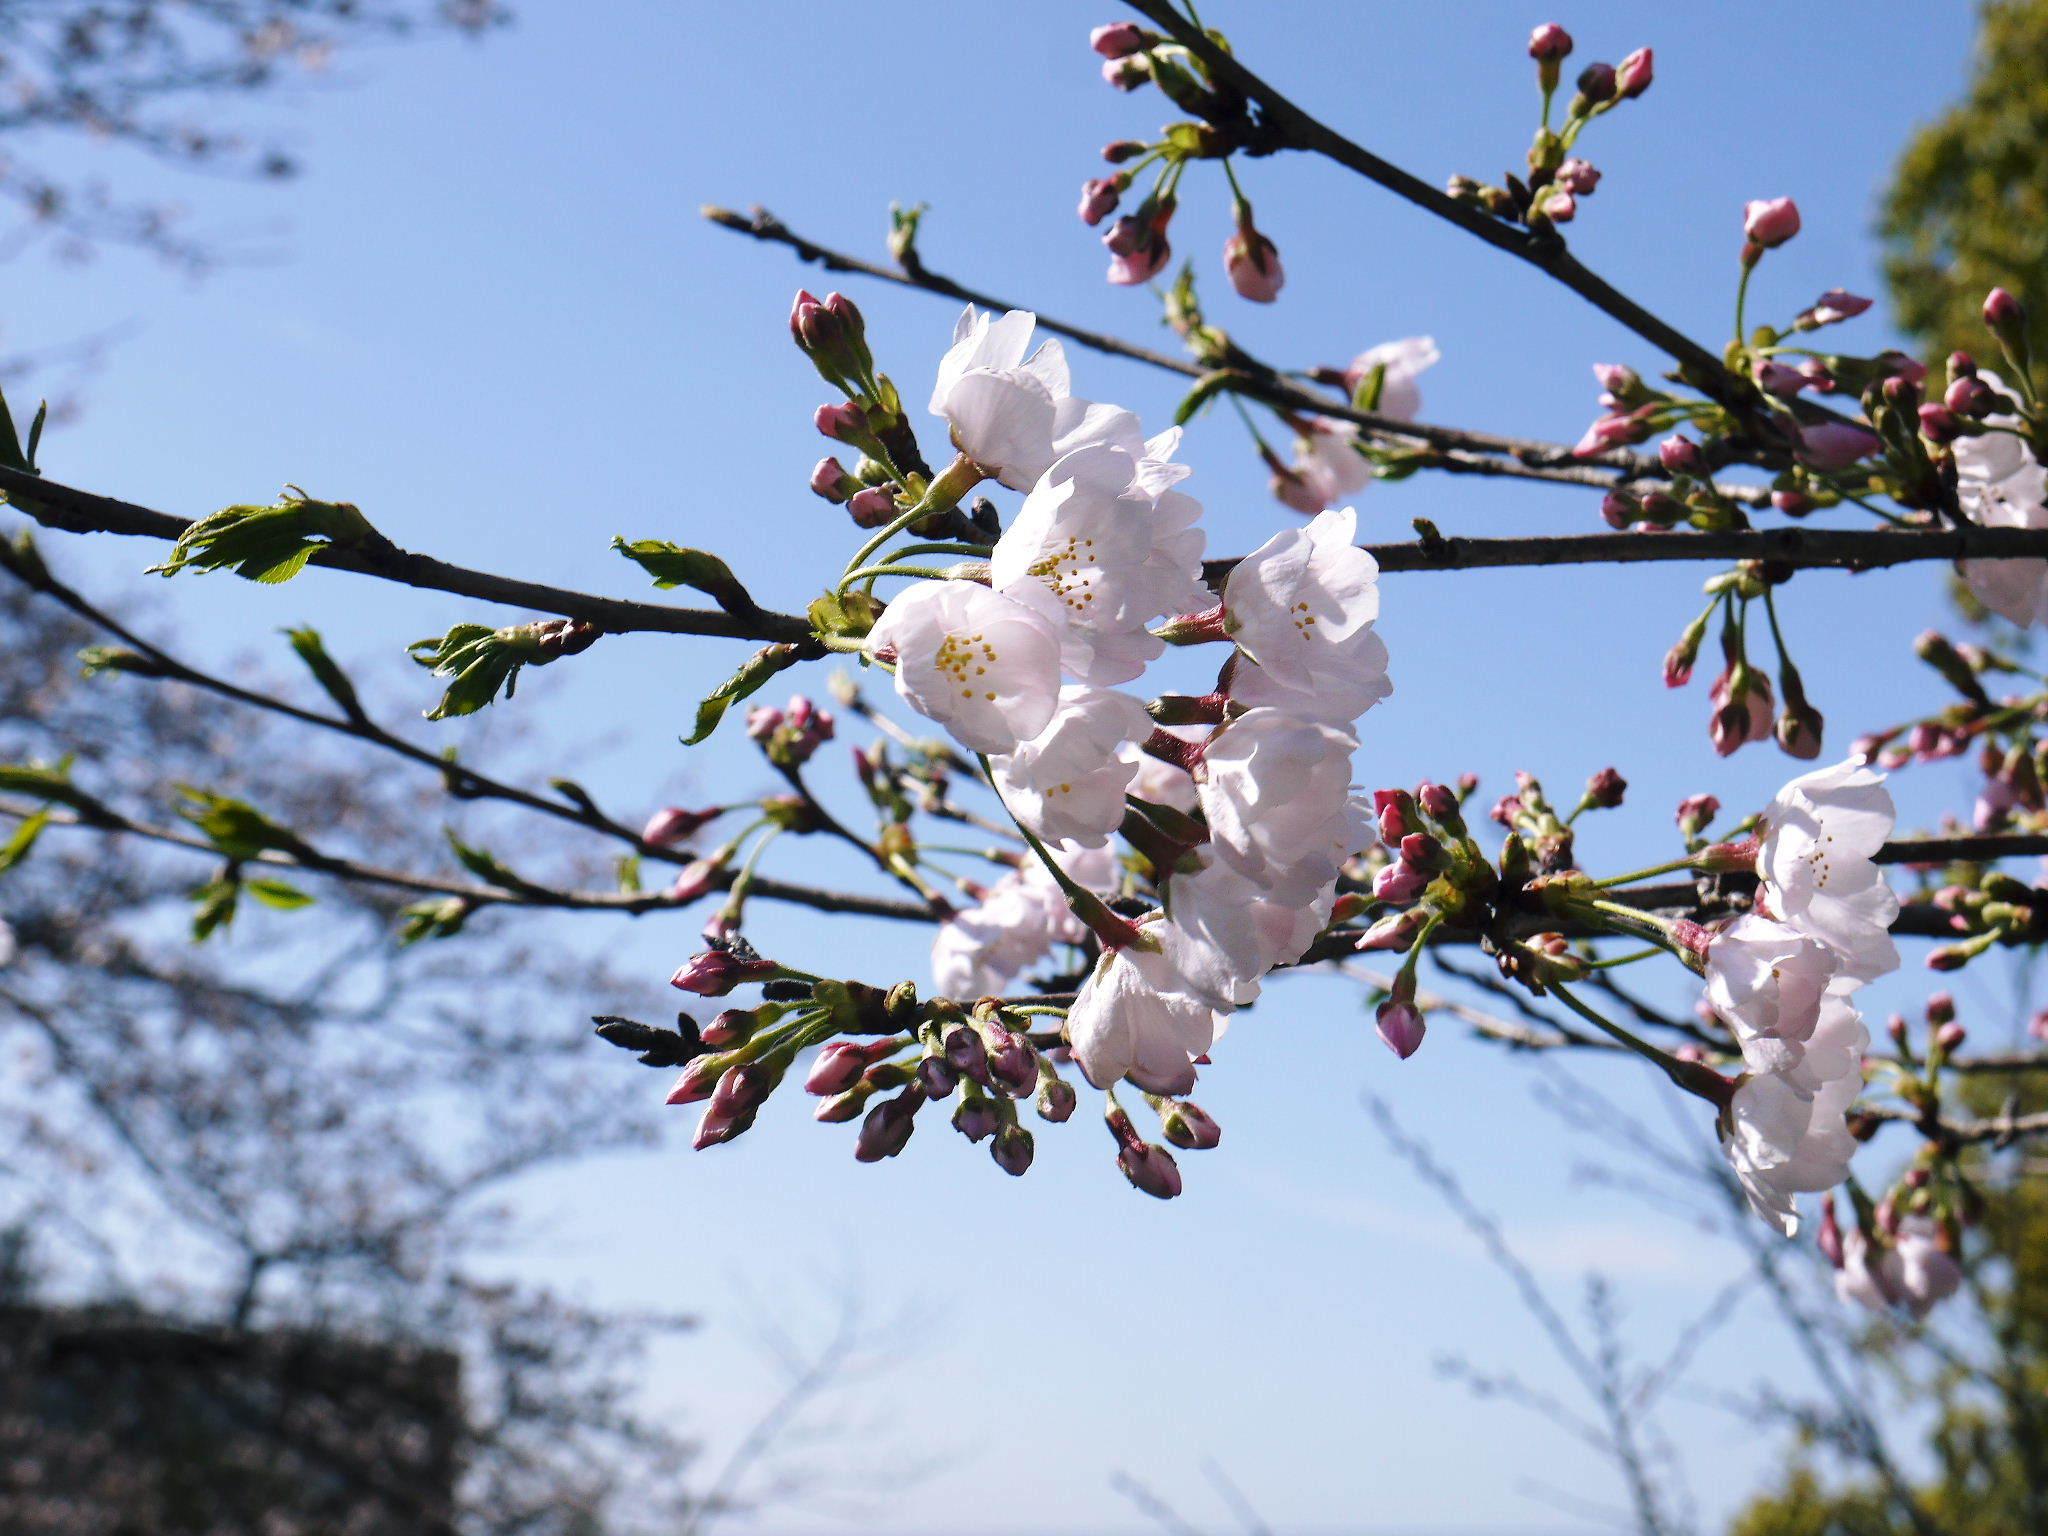 菊池公園、菊池神社の桜photoコレクション 2020_a0254656_18575323.jpg